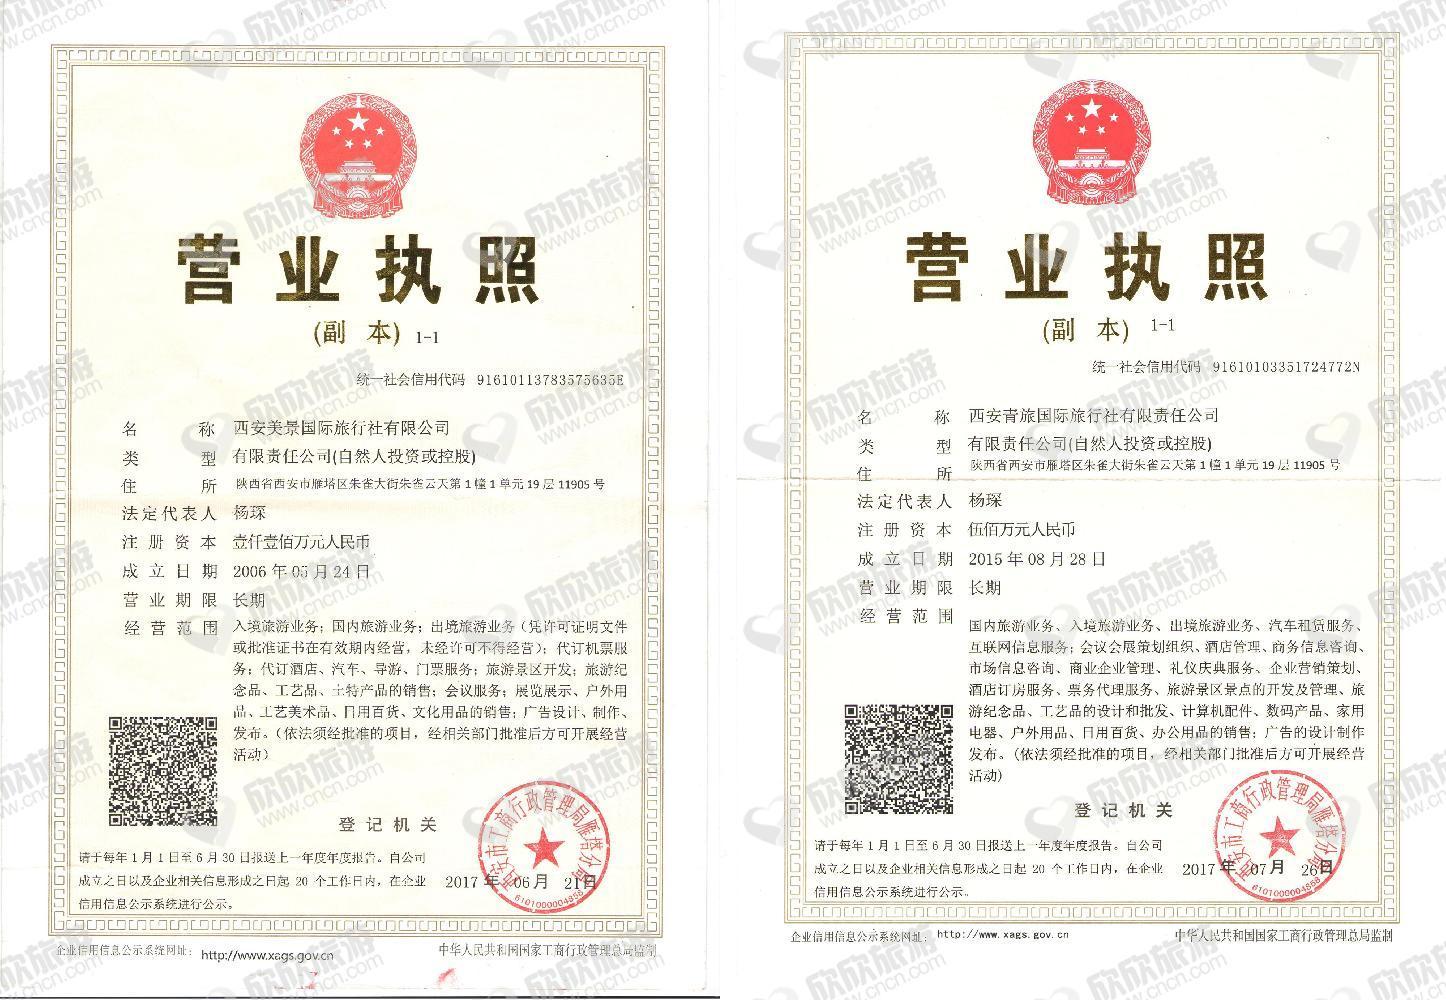 西安青旅国际旅行社有限责任公司营业执照